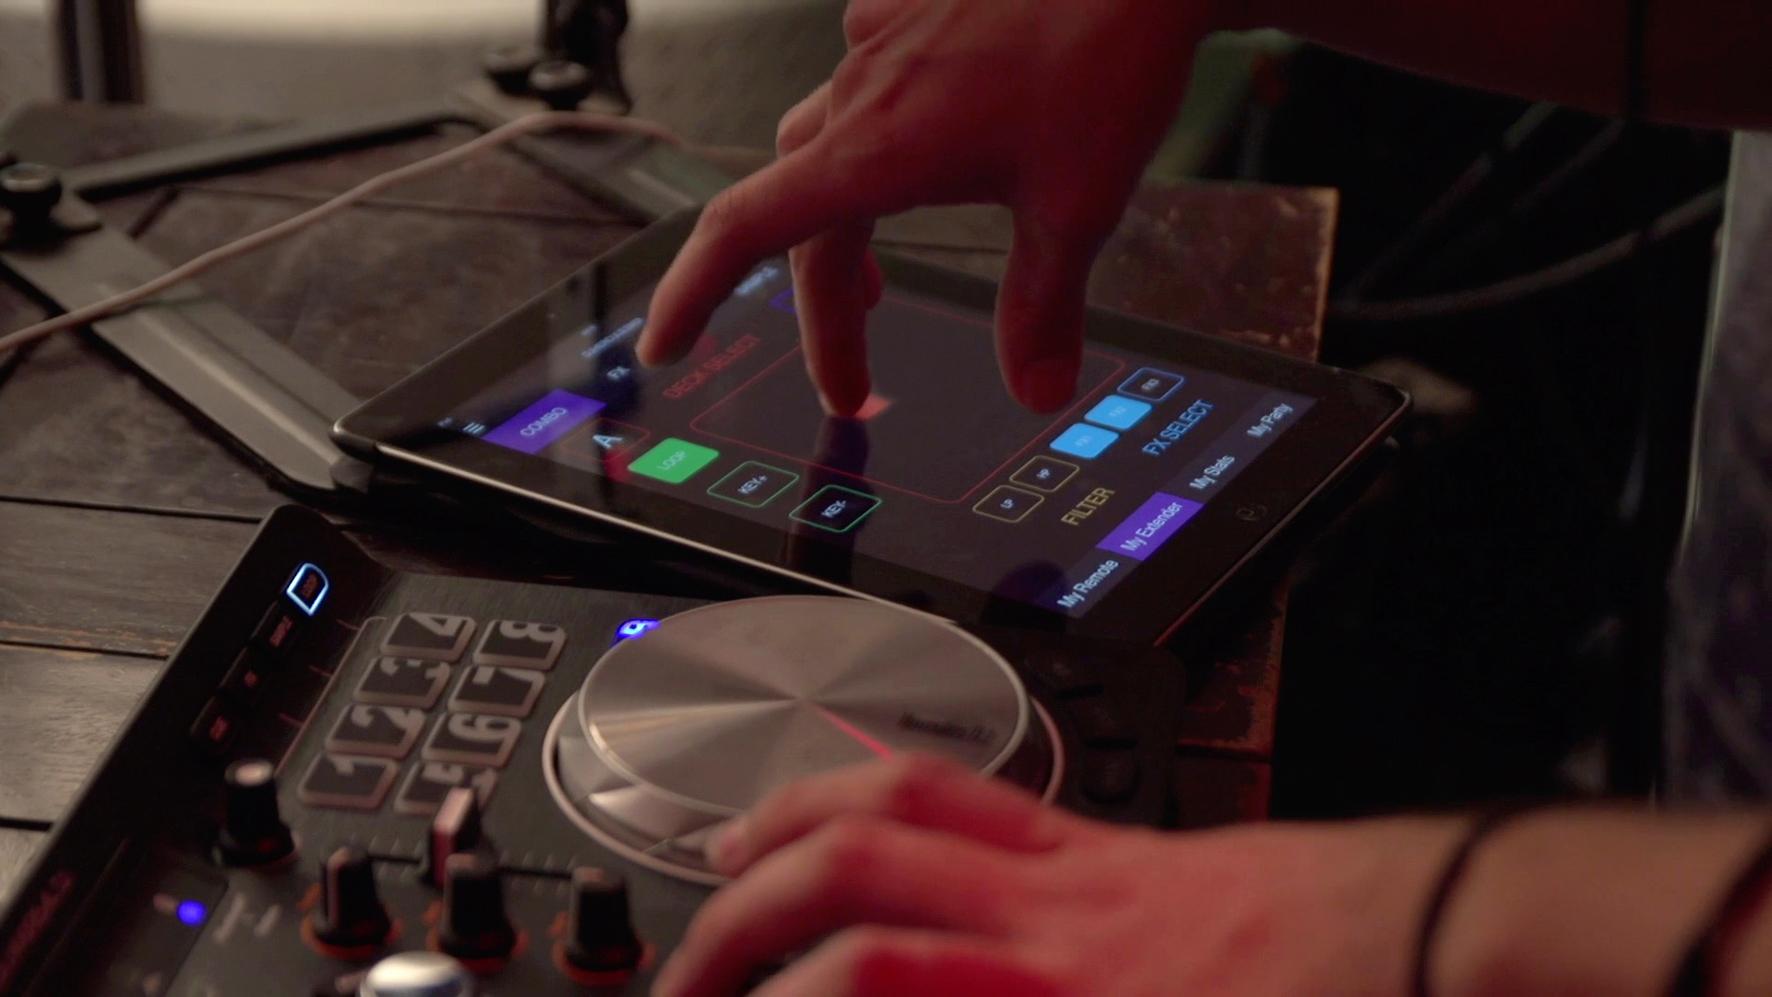 Hercules-Universal-DJ-lifestyle-02a-MyExtender